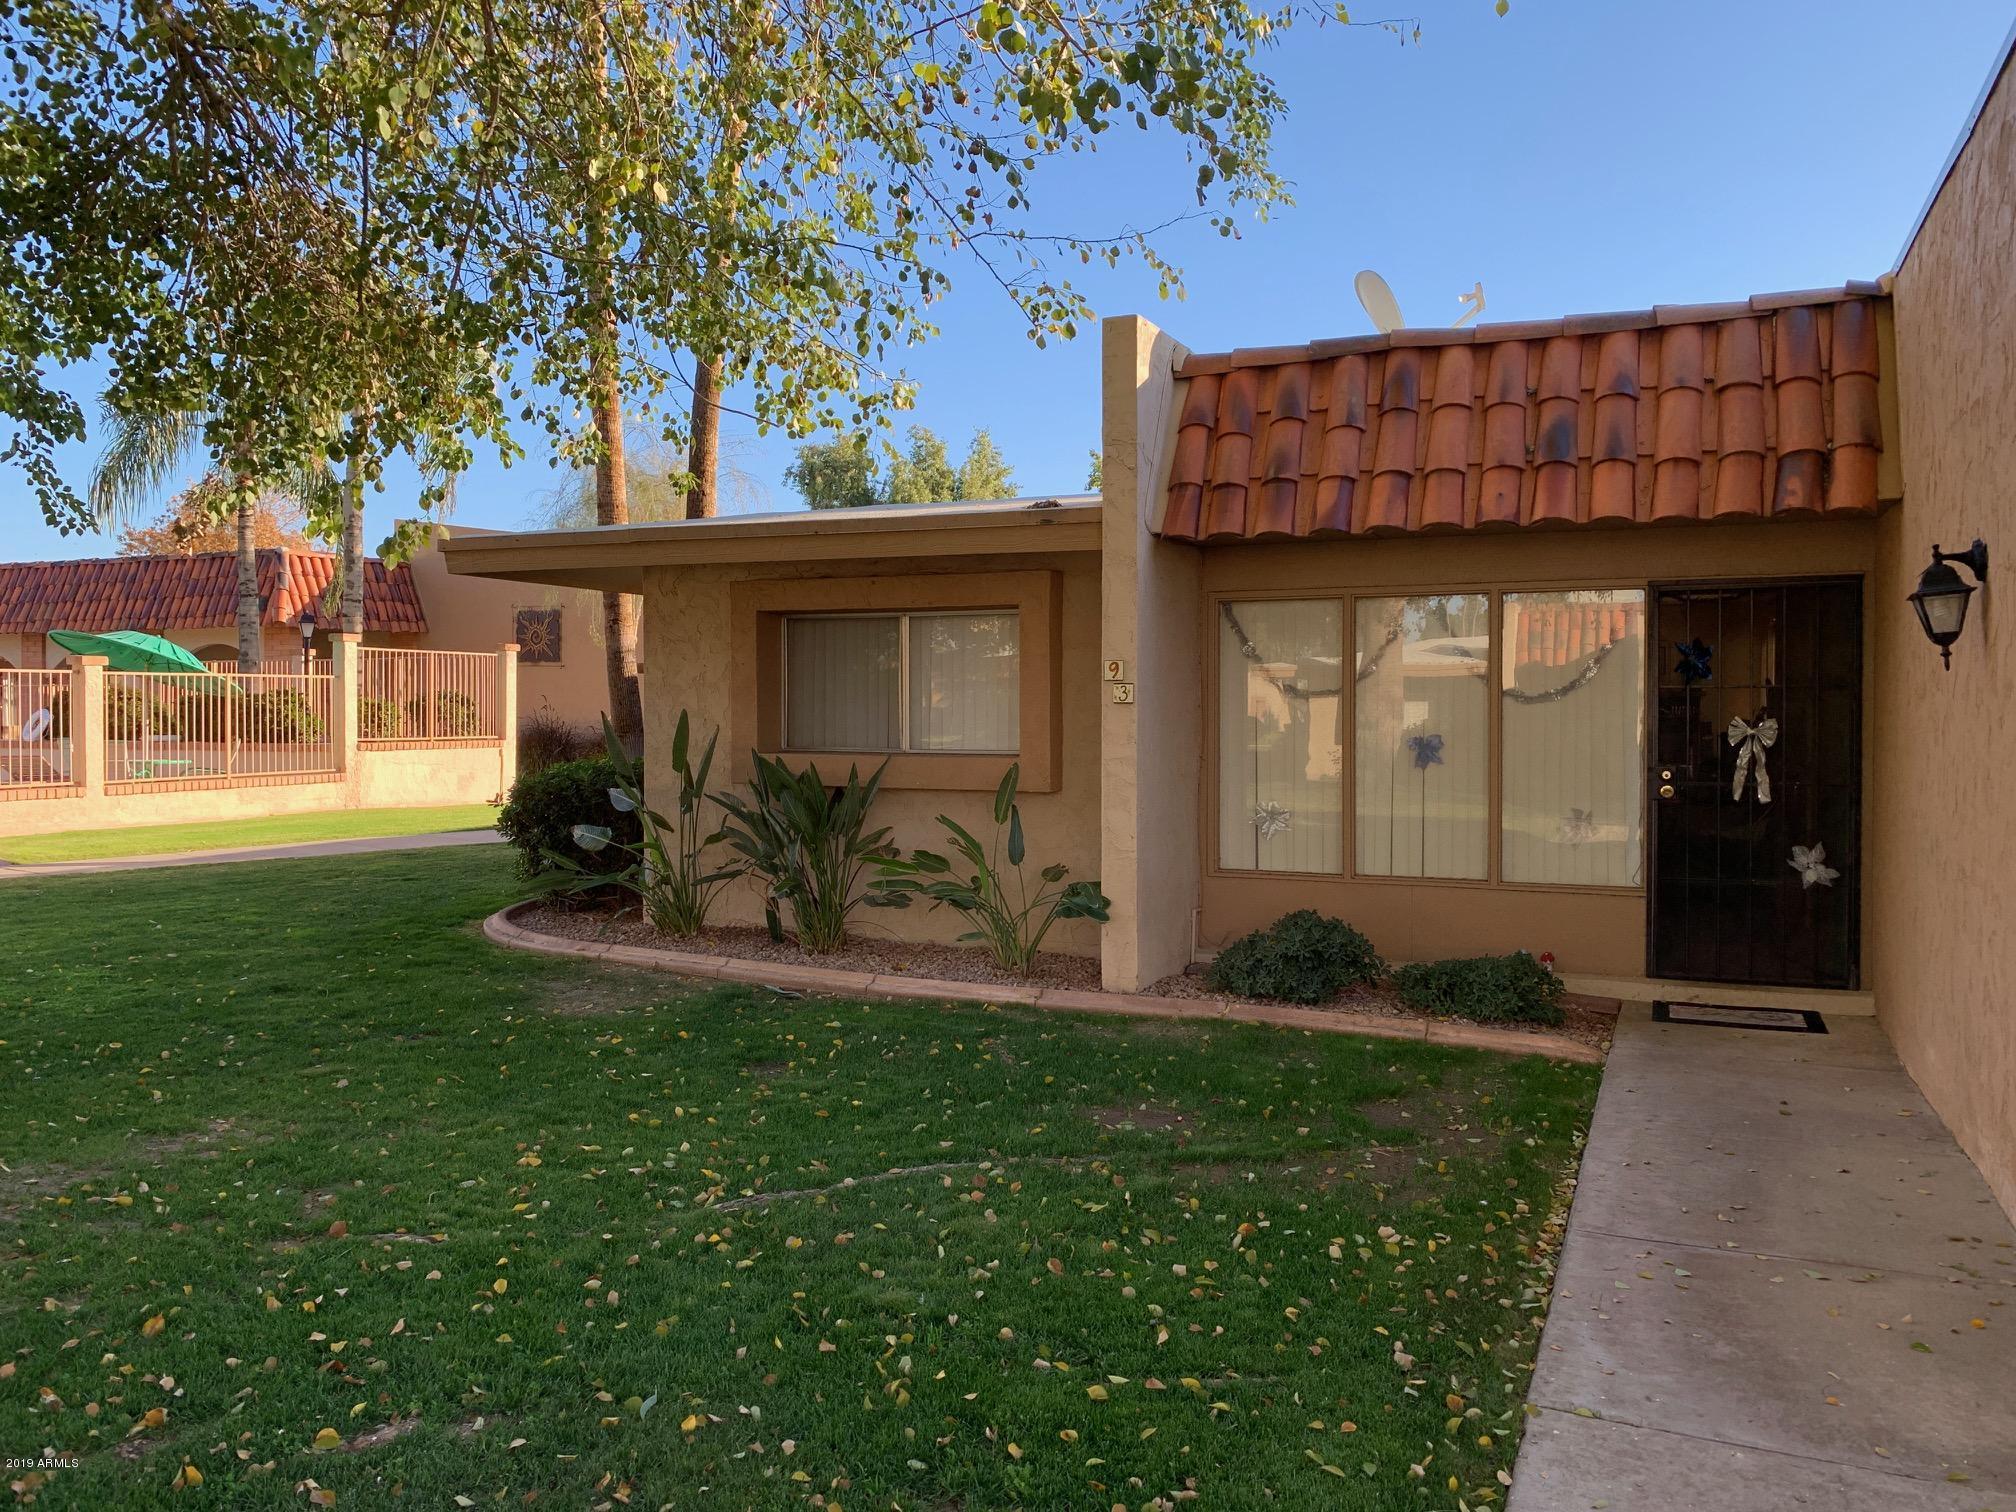 Photo of 1320 E BETHANY HOME Road #93, Phoenix, AZ 85014